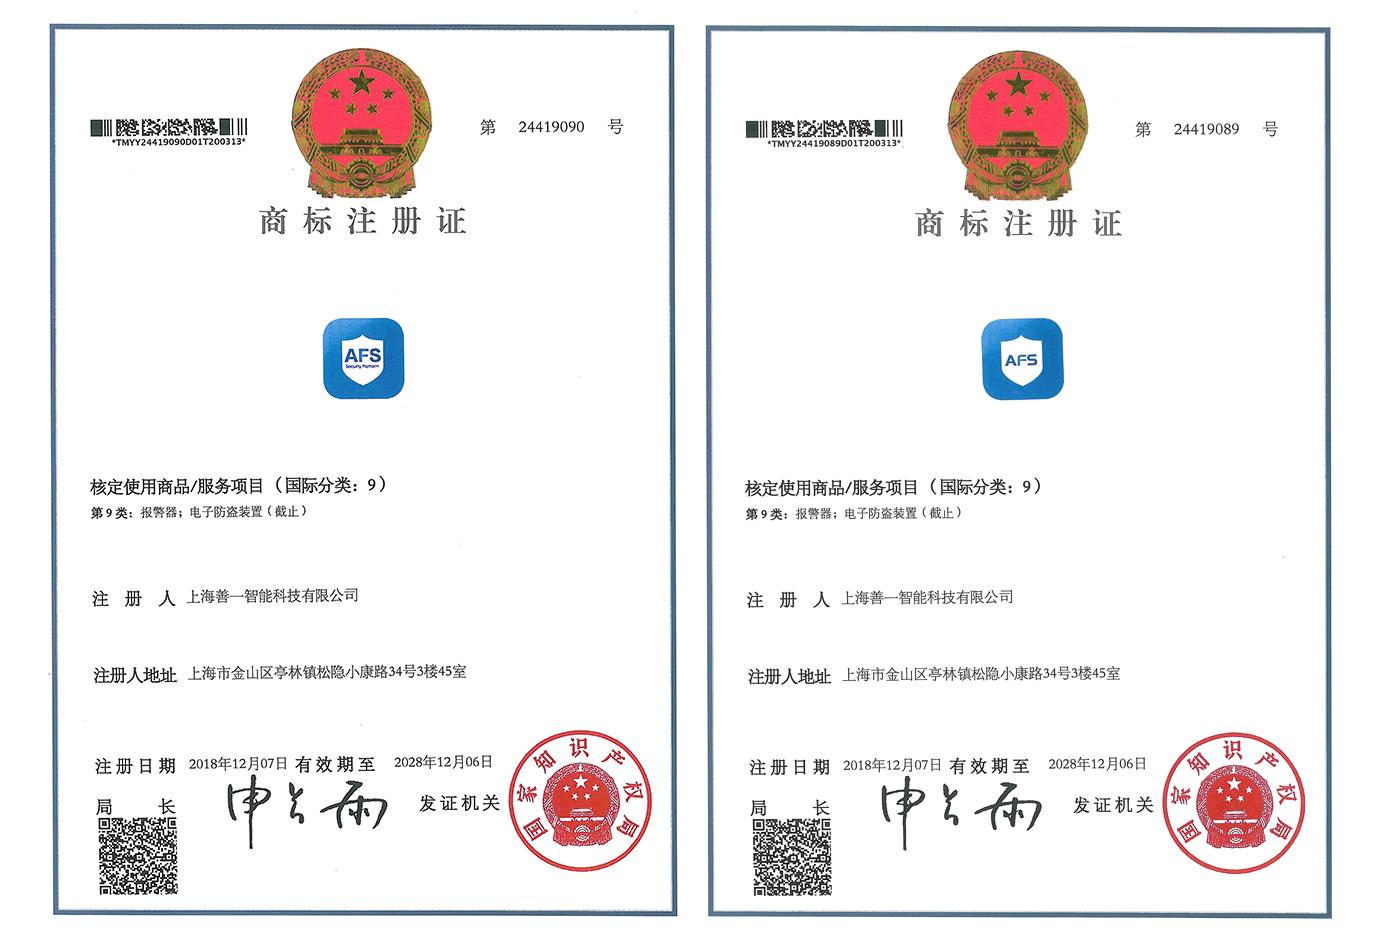 上海善一智能APP商标注册证